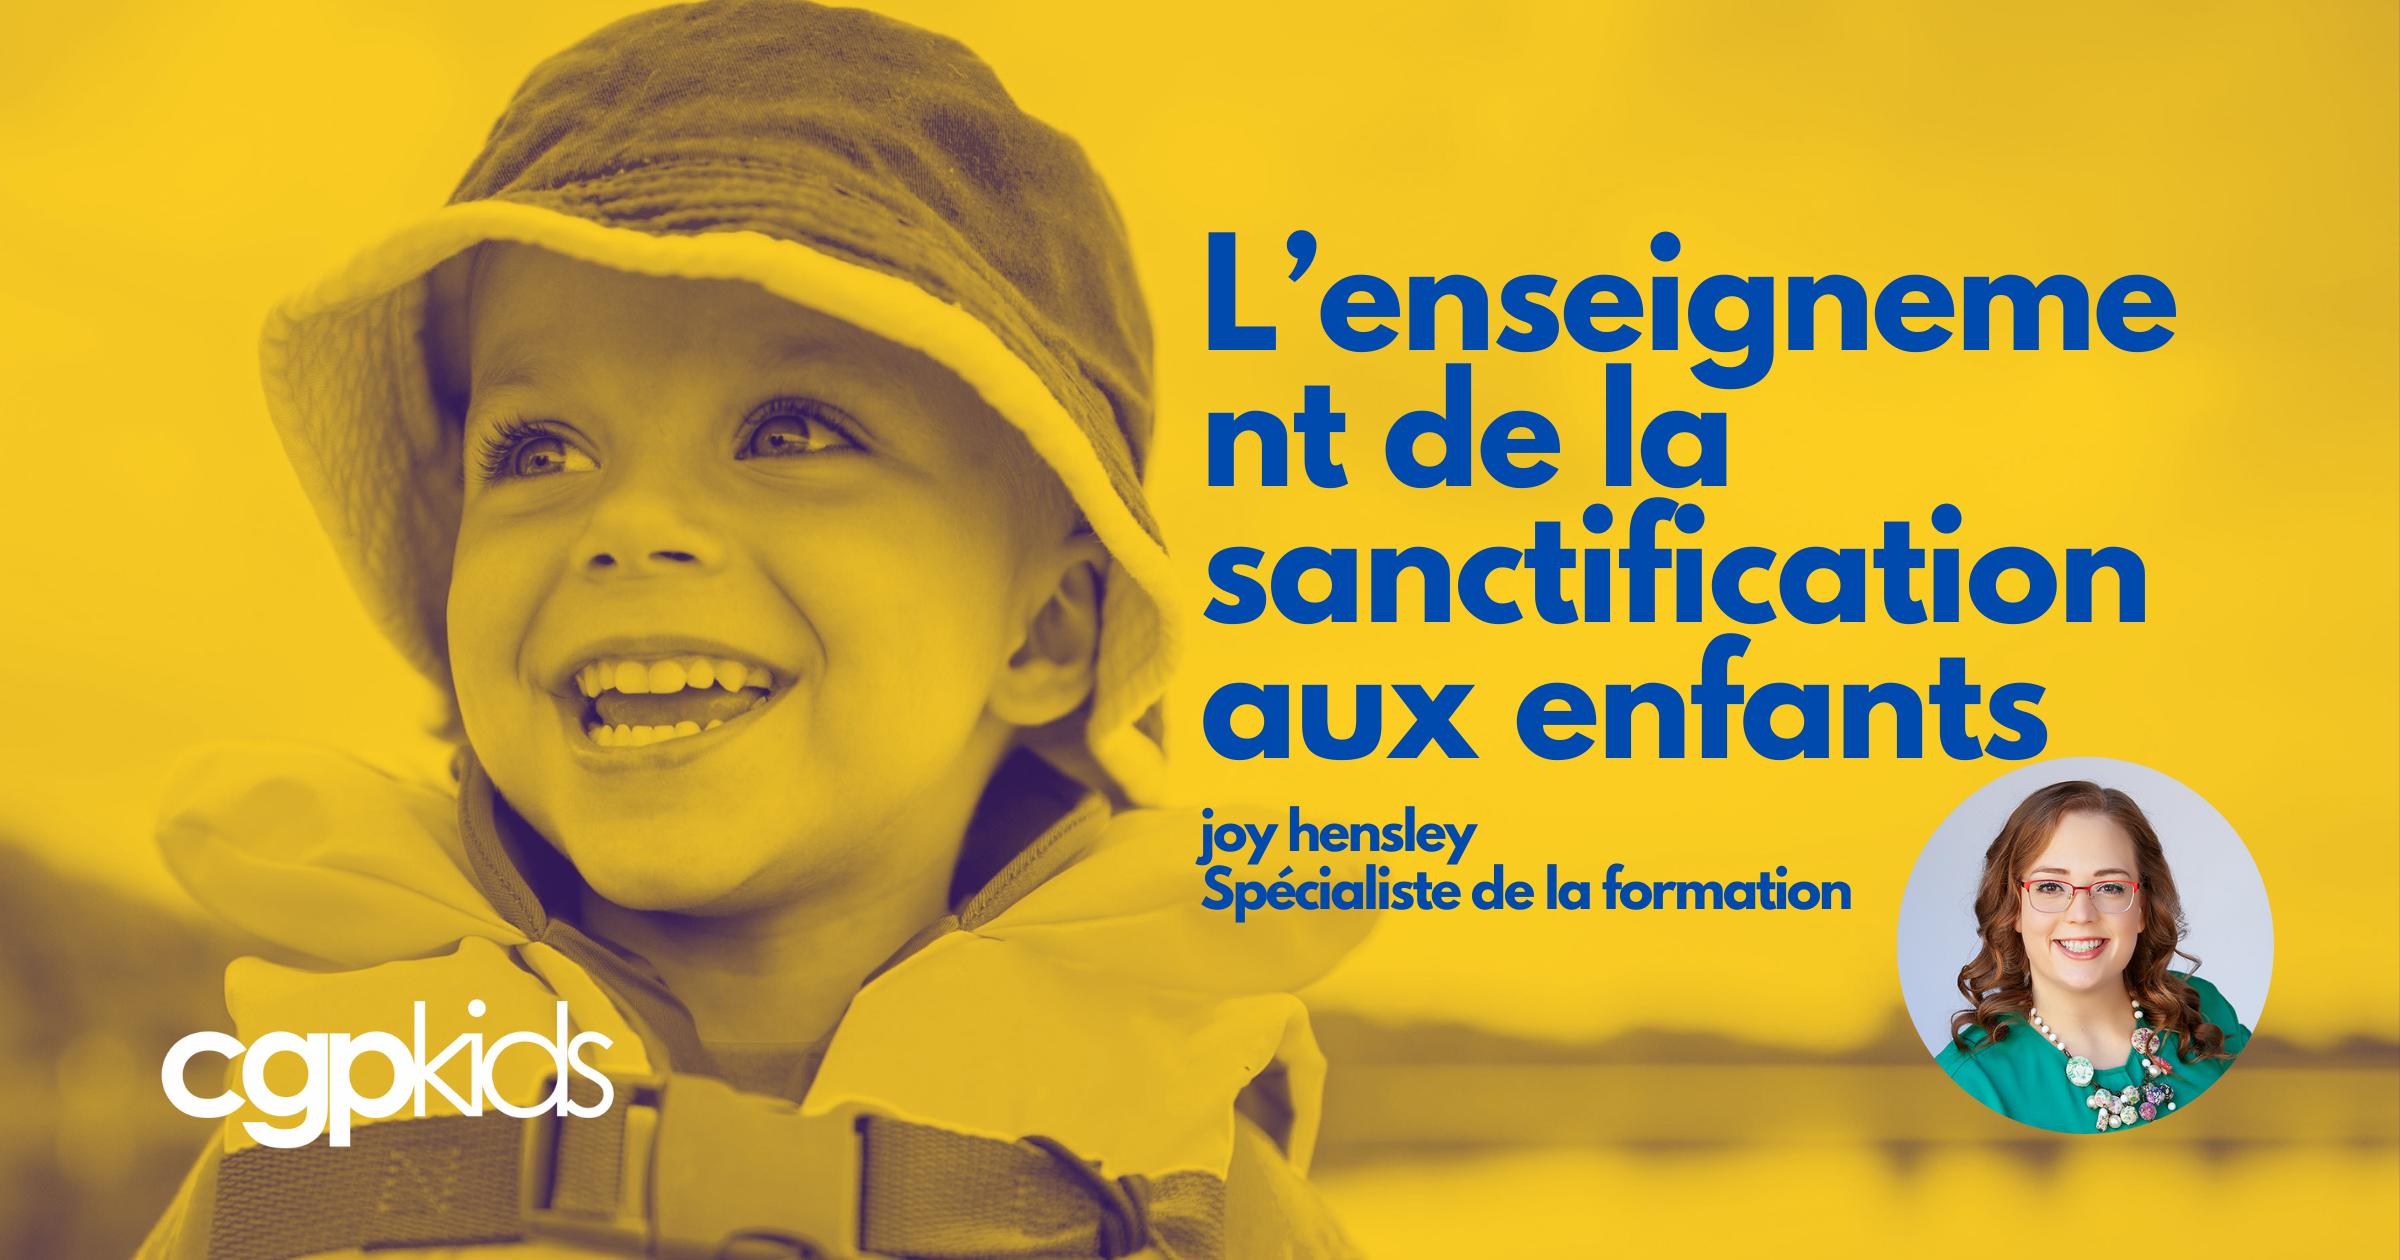 L'enseignement de la sanctification aux enfants